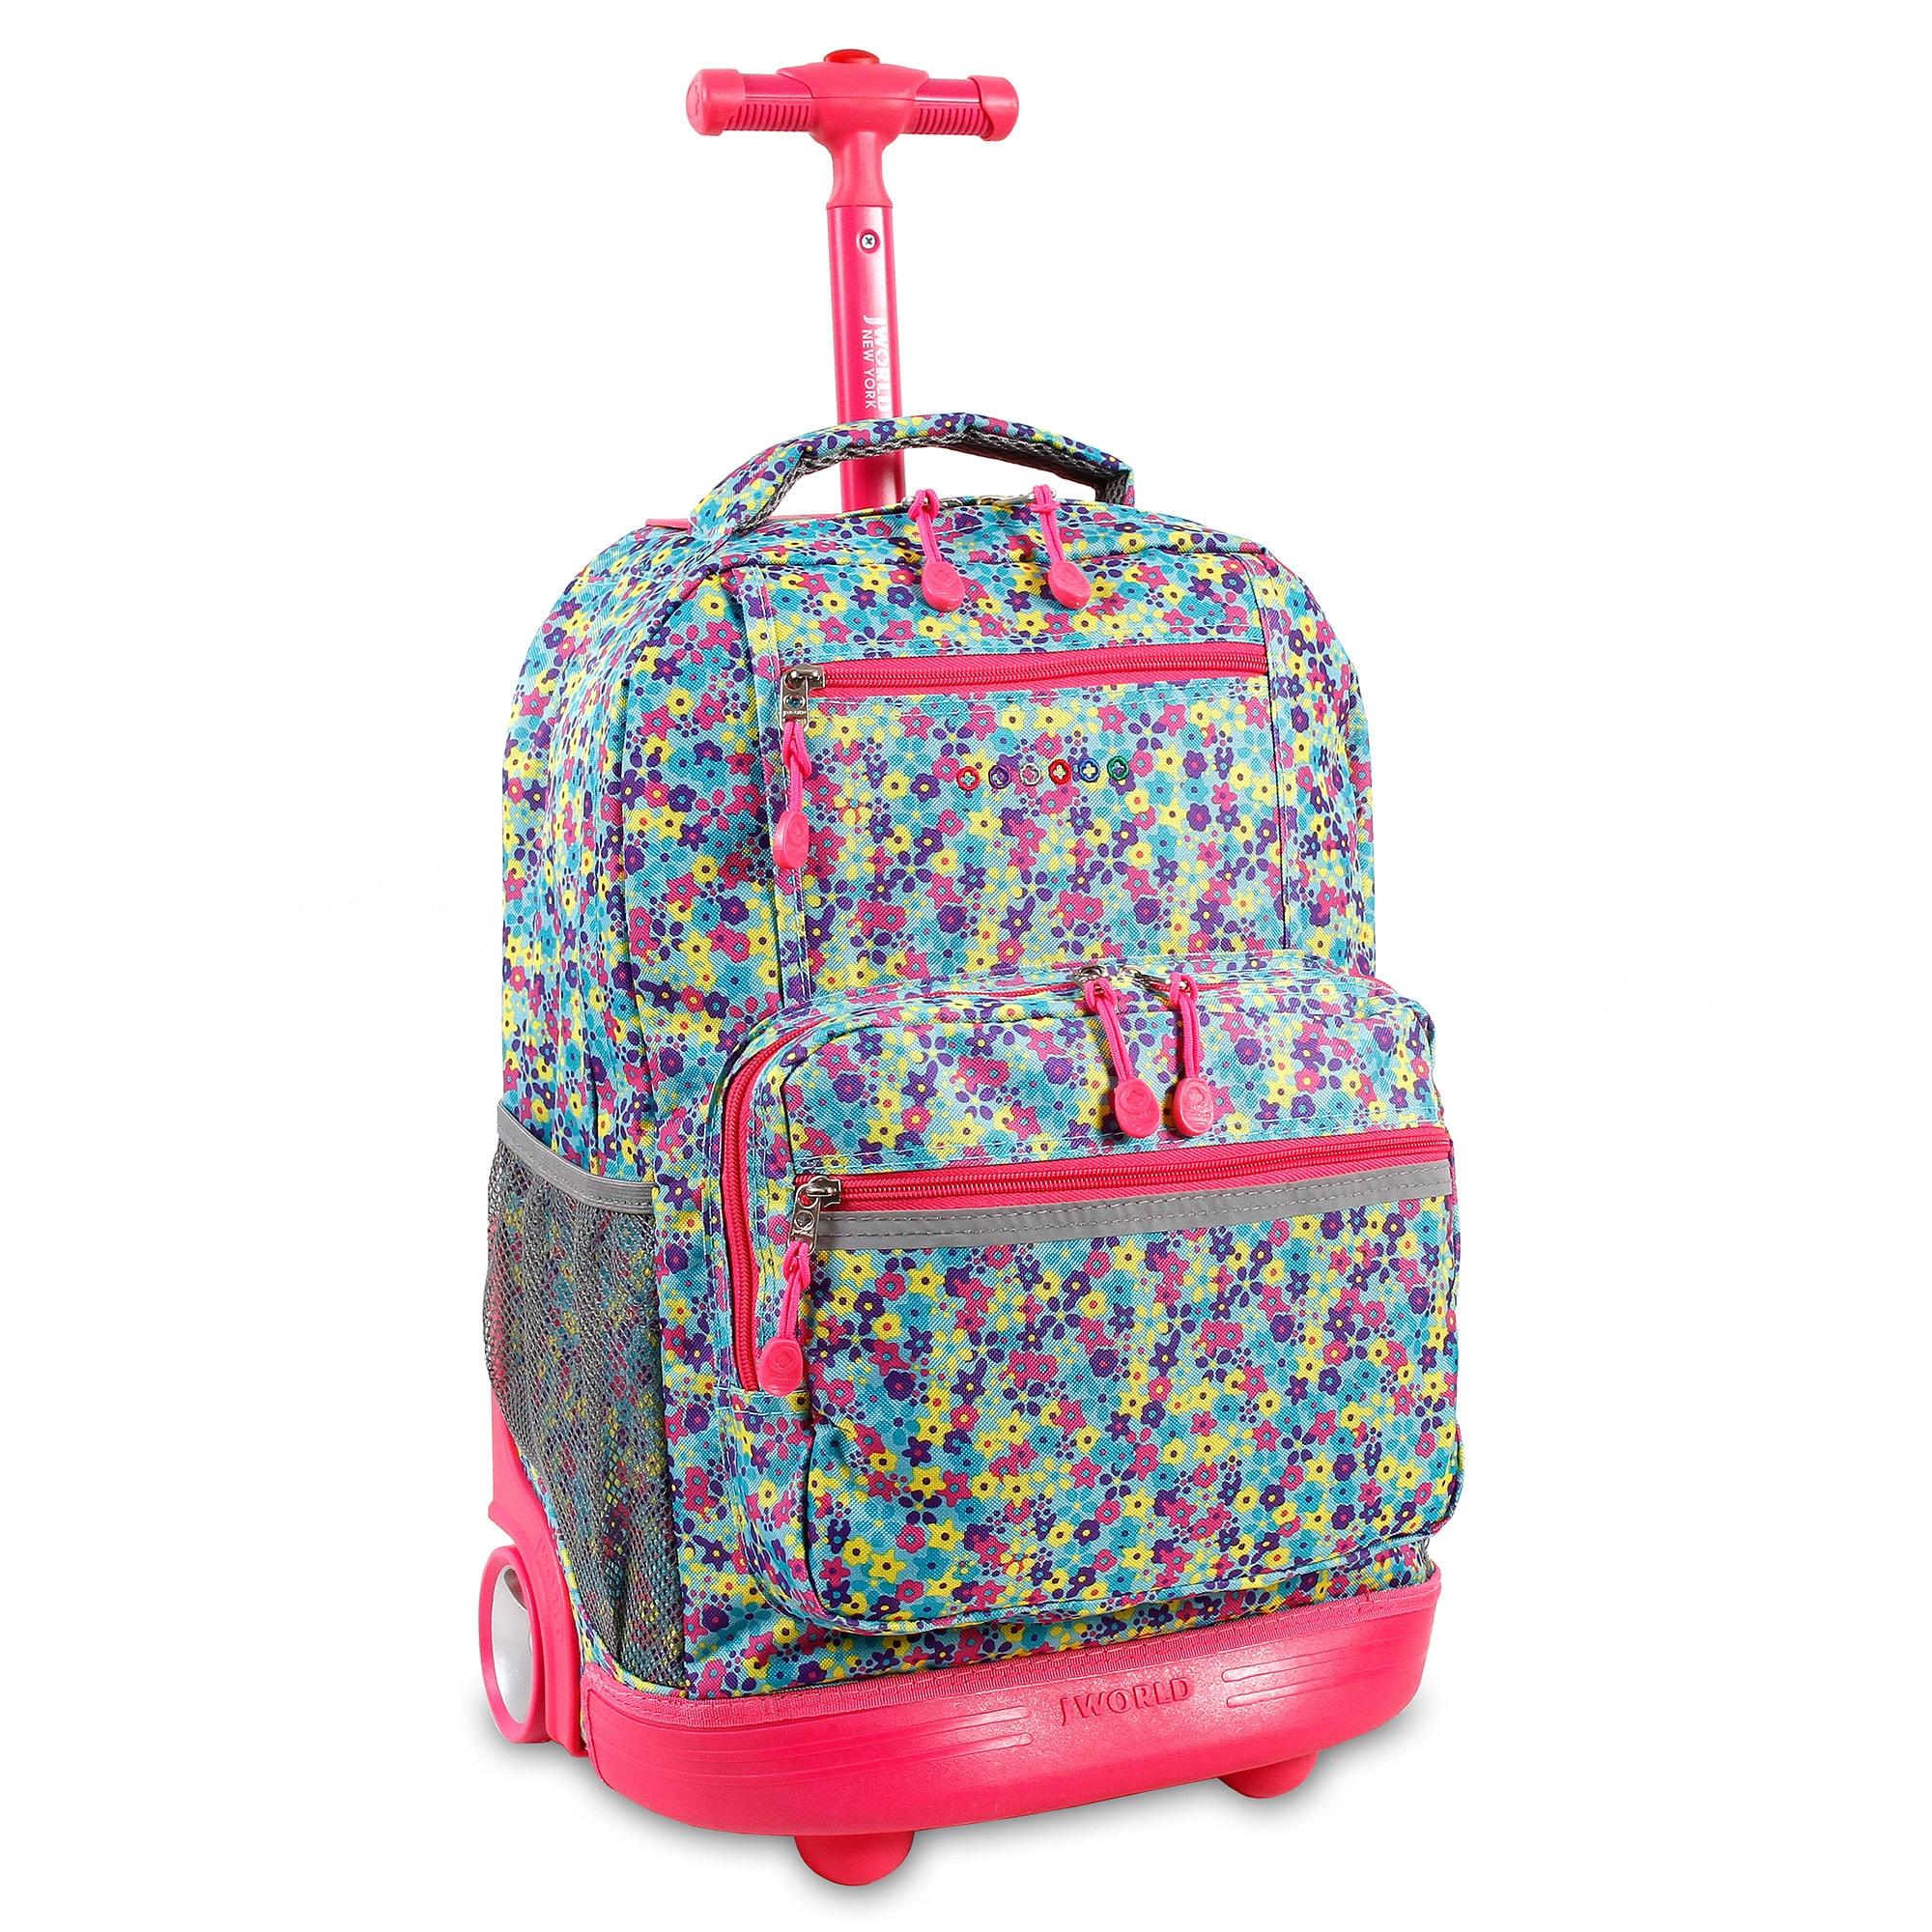 J World Foret Sunset Rolling Laptop Backpack (Floret), Blue